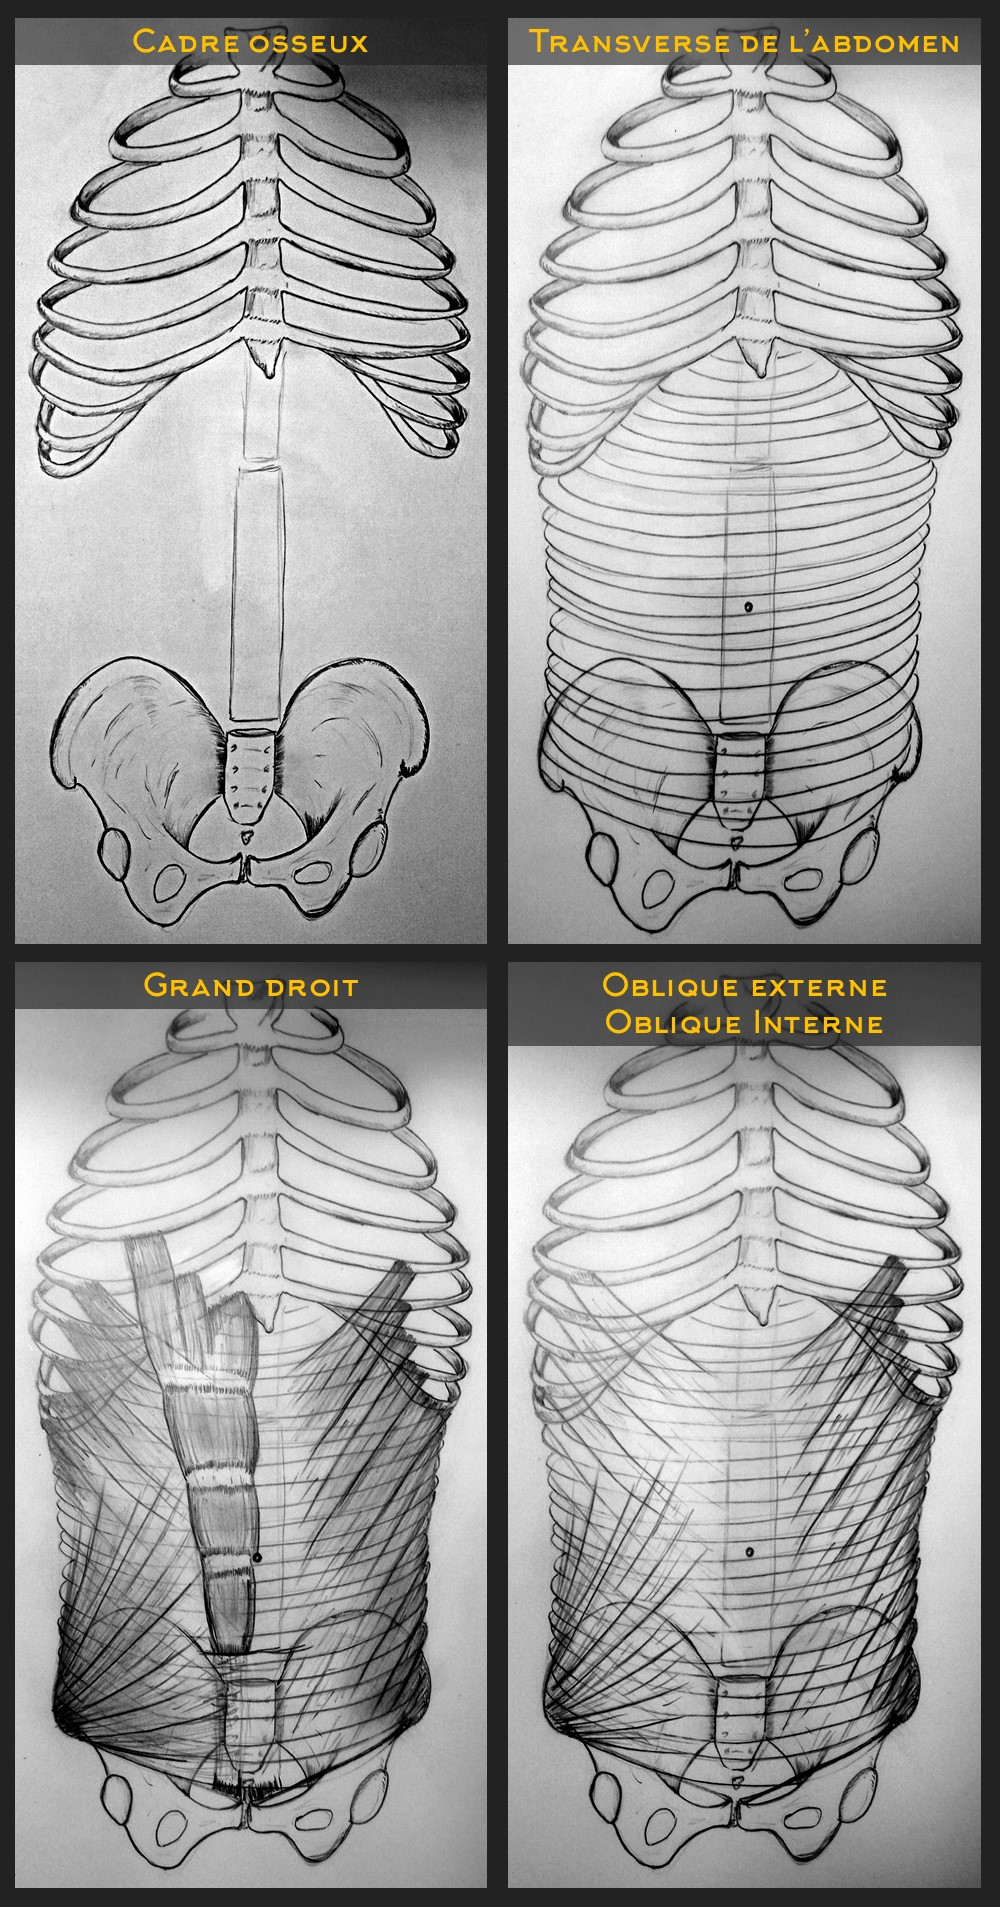 Dessin des différentes couches d'abdominaux (transverse, obliques et grand droit). Le transverse est ce lui qui permet un bon maintien viscéral contre la colonne, tel que décrit selon la méthode des abdominaux de Gasquet.